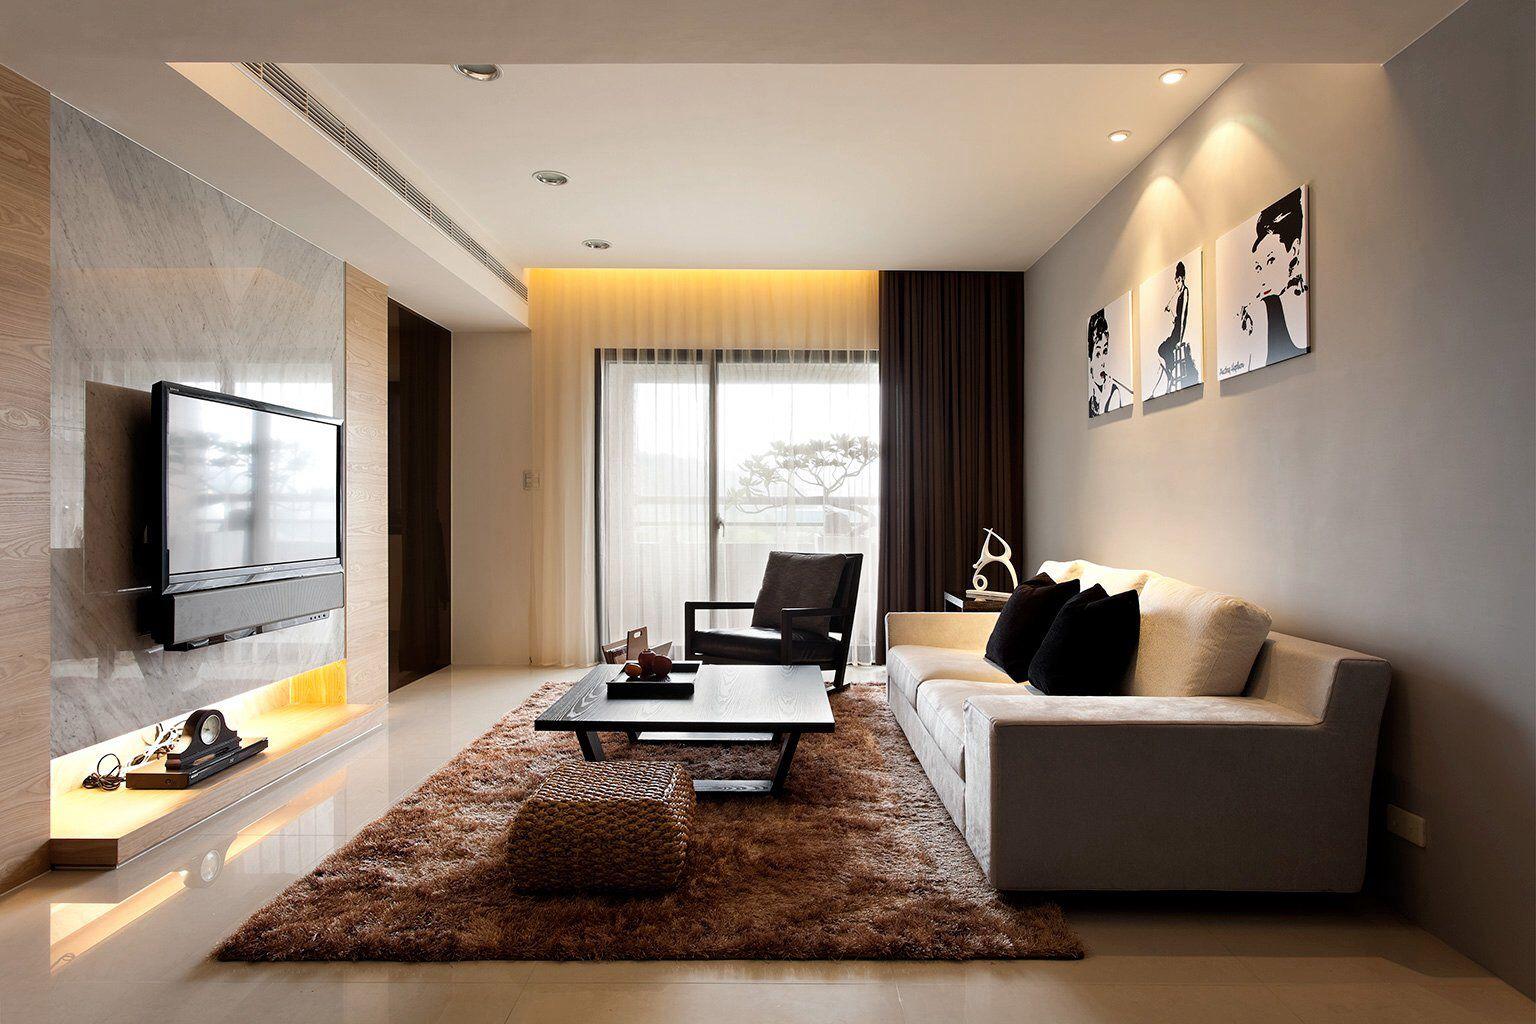 Wunderbar Wohnzimmer Bilder Modern Dekoration Von Beläuchtungsidee In Und An Betonwand Im Gang